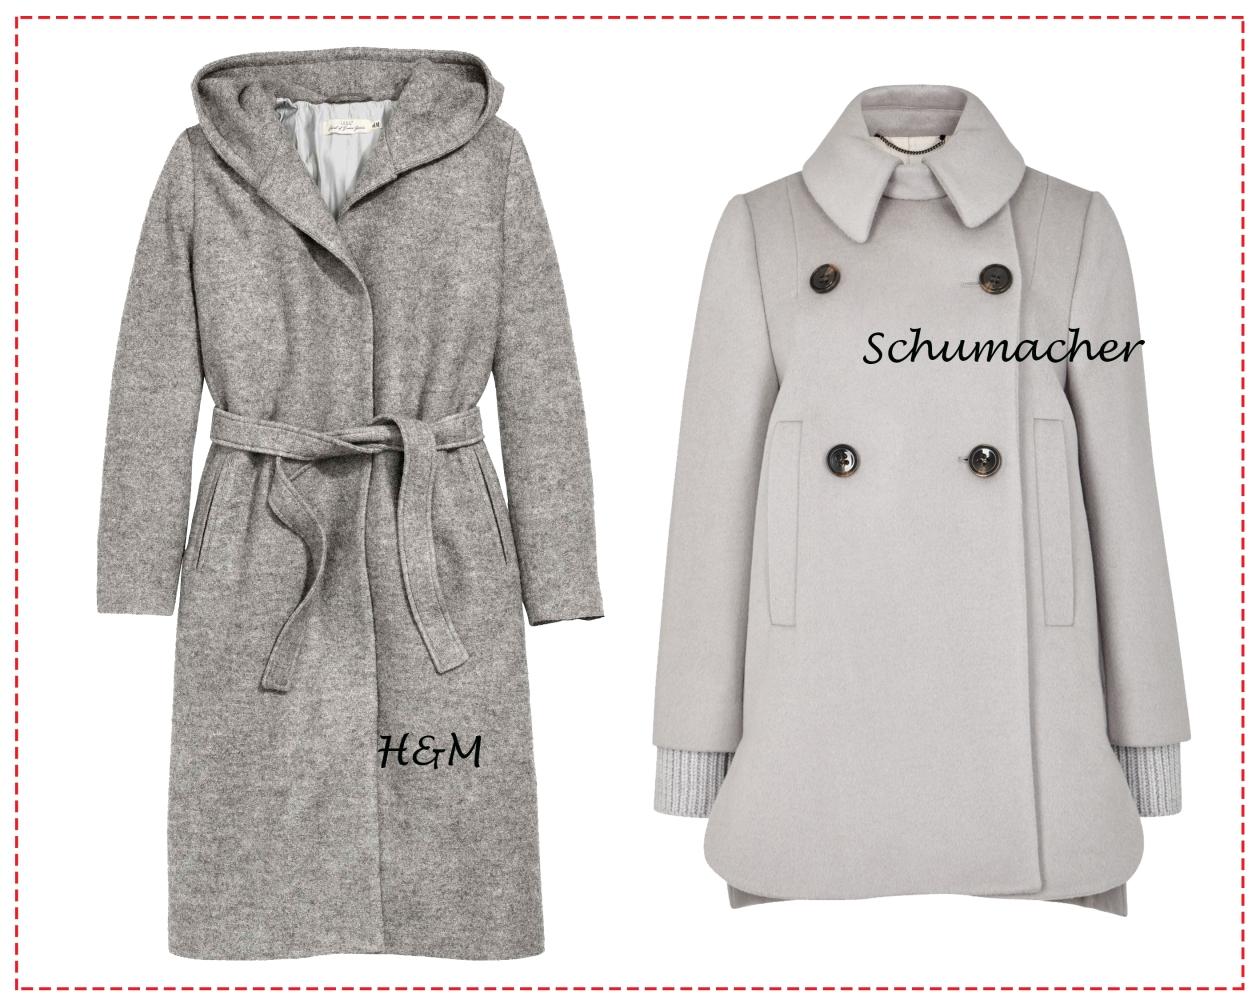 winter-coats-hm-schumacher